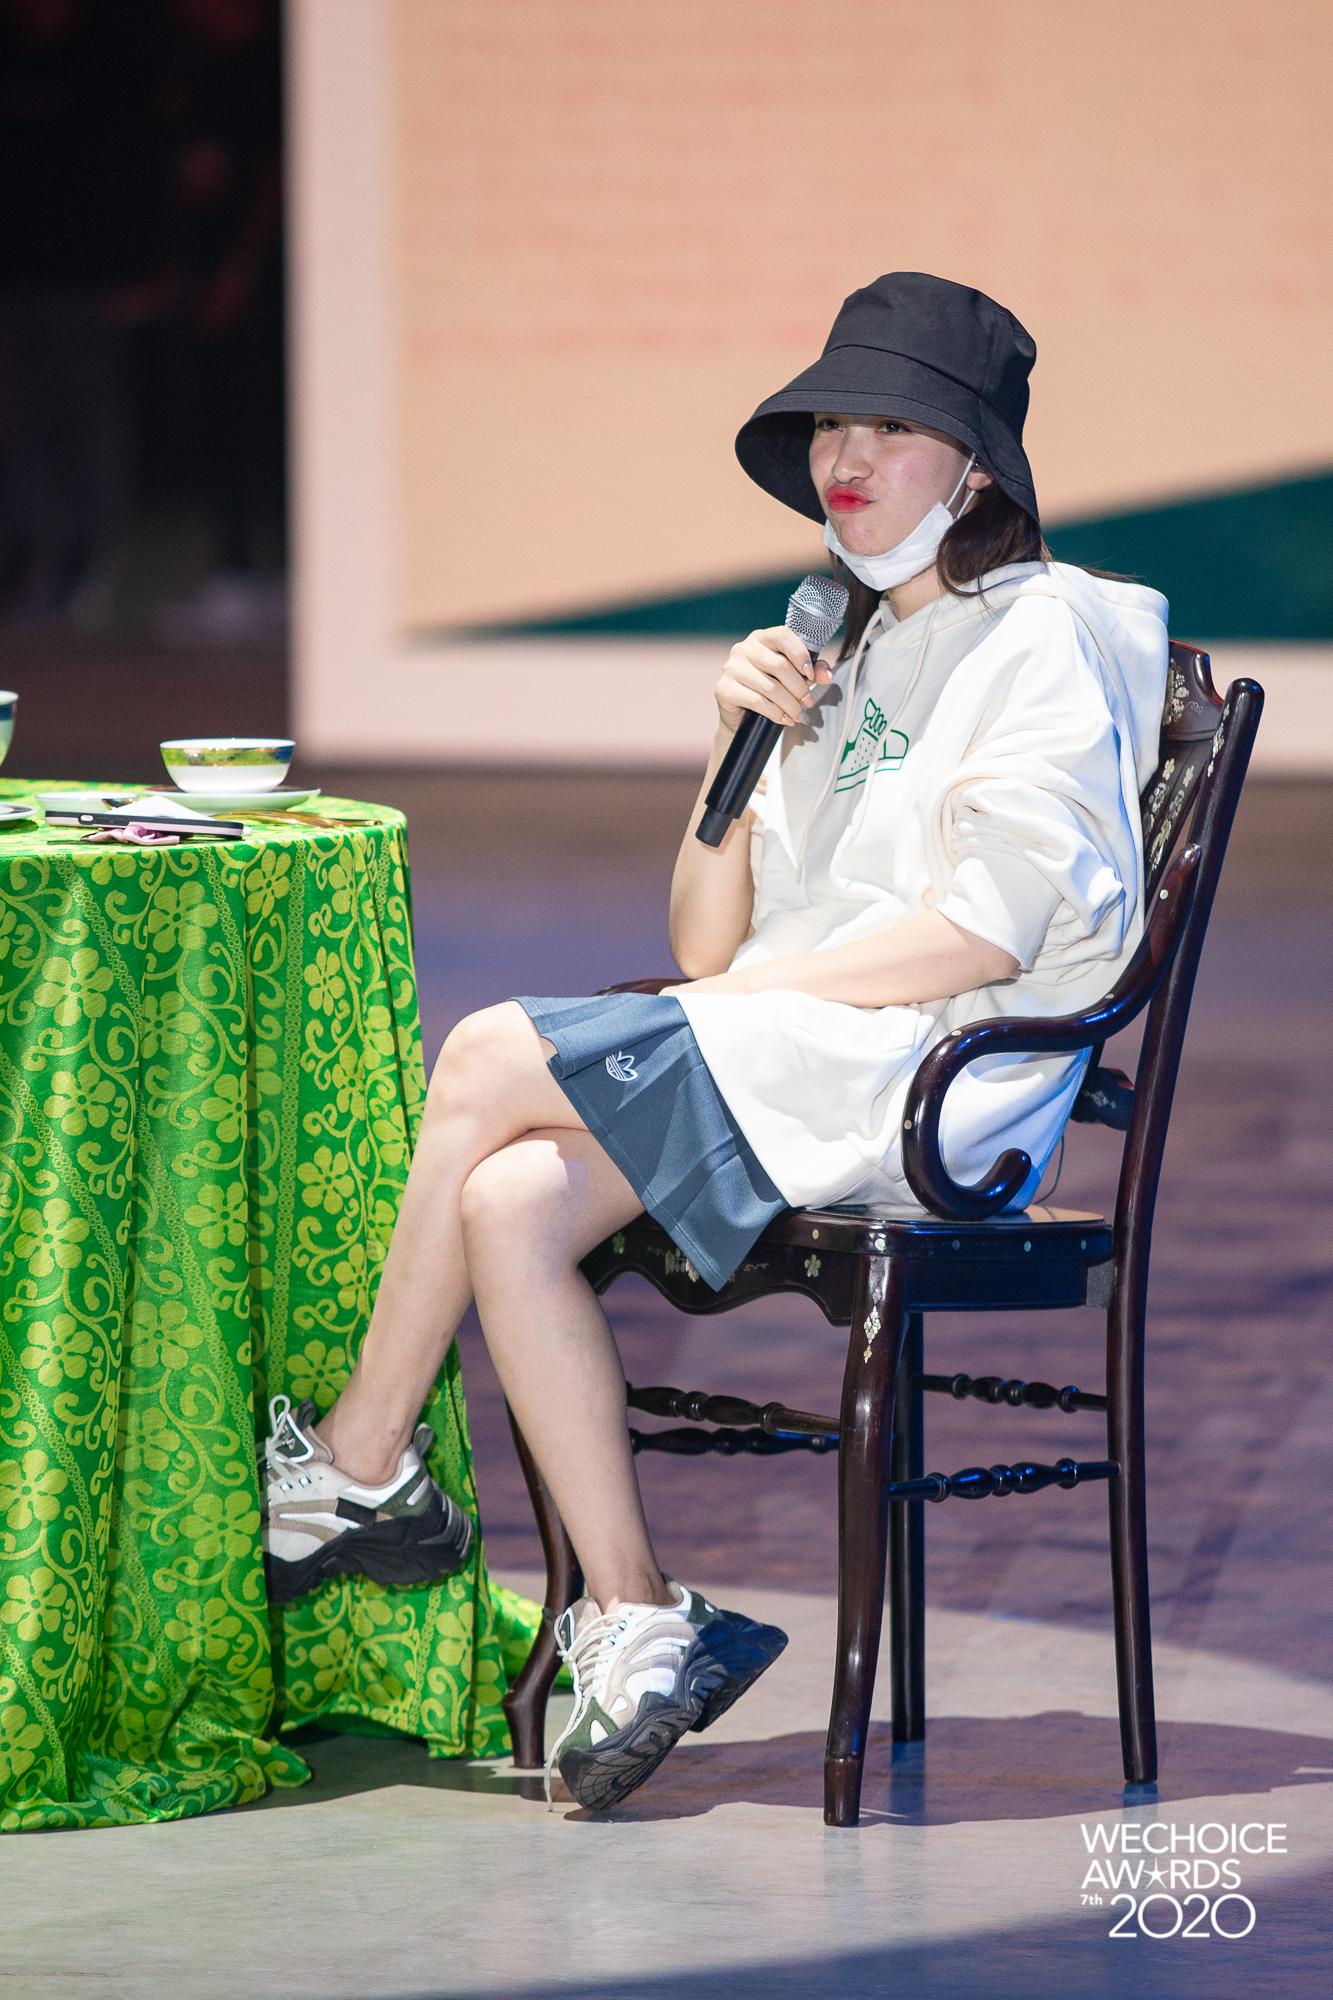 Style sao đi tổng duyệt WeChoice 2020: Hoà Minzy lên đồ trẻ trung không quên đeo khẩu trang, Hiền Hồ đeo kính râm cá tính - Ảnh 1.